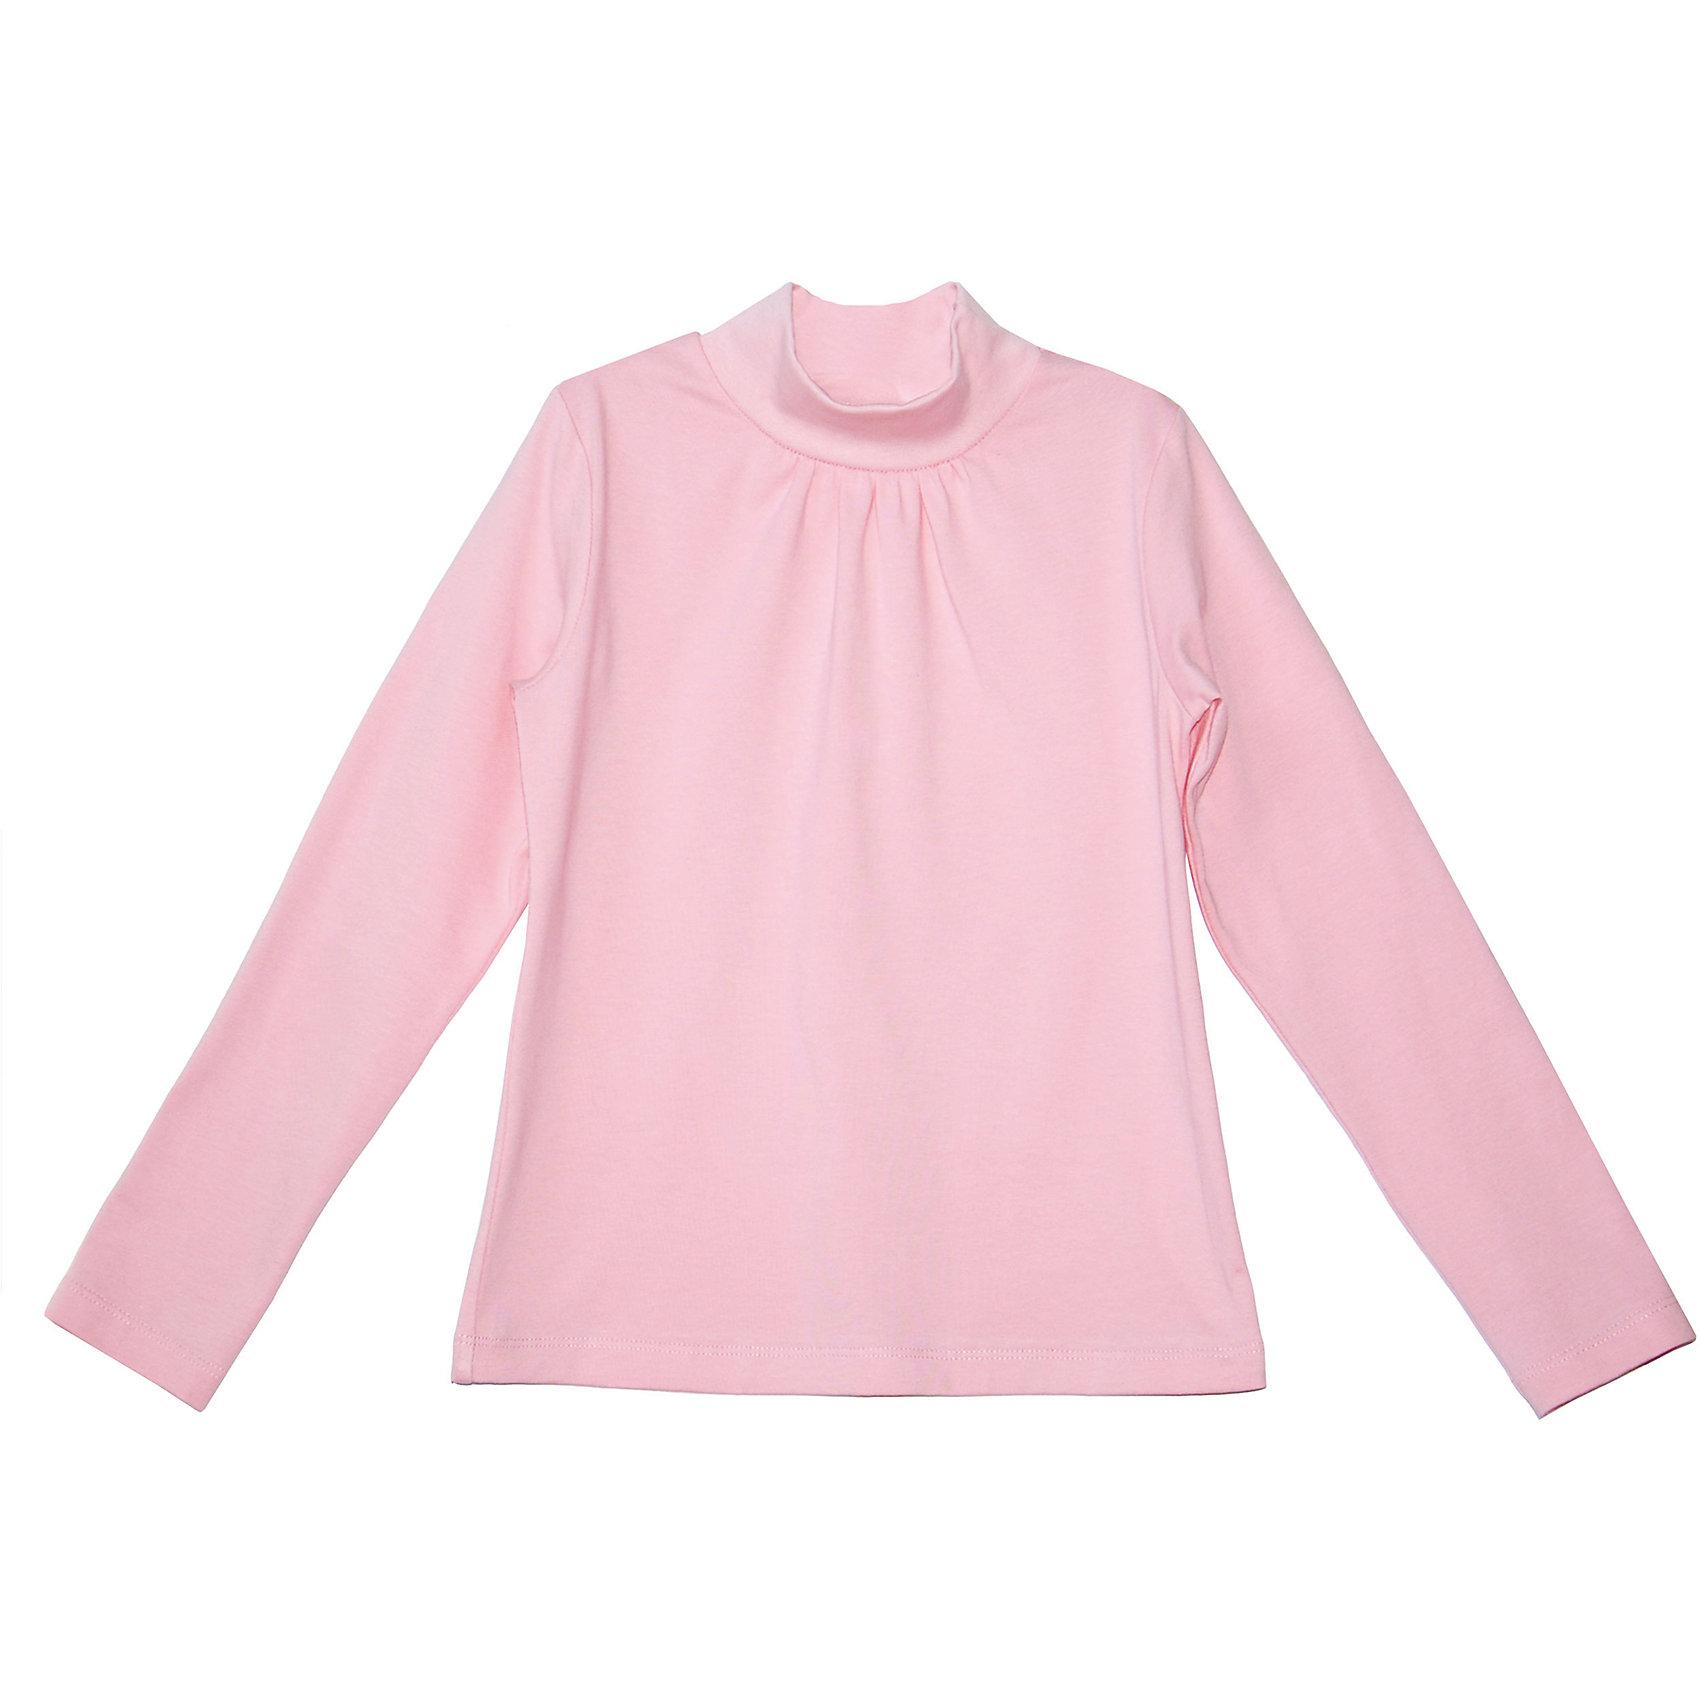 Водолазка для девочки GoldyВодолазки<br>Водолазка для девочки от известного бренда Goldy<br>Джемпер-водолазка 581.098.462 Тая для девочки. В наличии есть в голубом и в розовом цветах.<br>Состав:<br>хлопок 96%, лайкра 4%<br><br>Ширина мм: 190<br>Глубина мм: 74<br>Высота мм: 229<br>Вес г: 236<br>Цвет: синий<br>Возраст от месяцев: 72<br>Возраст до месяцев: 84<br>Пол: Женский<br>Возраст: Детский<br>Размер: 122,92,98,104,110,116<br>SKU: 4757240